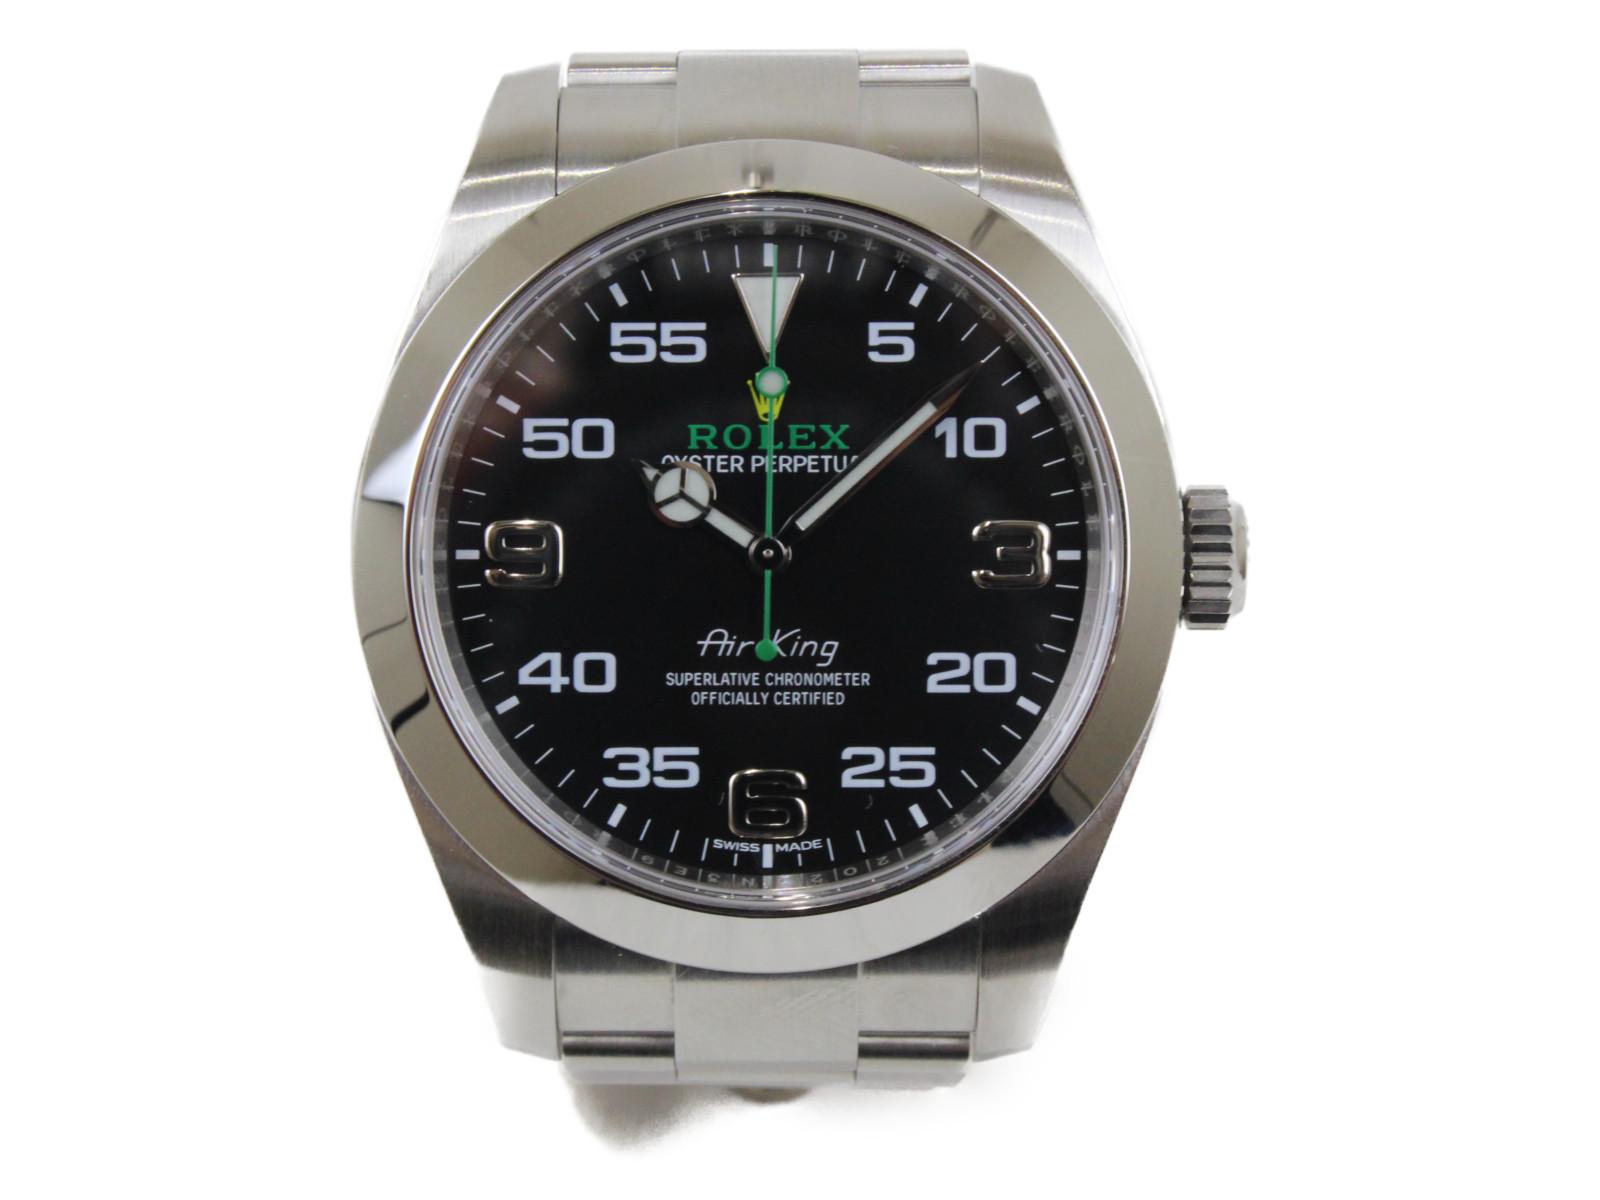 ROLEX ロレックス エアキング 116900 ランダム 2016年 自動巻き SS ステンレススチール ブラック メンズ 腕時計【中古】